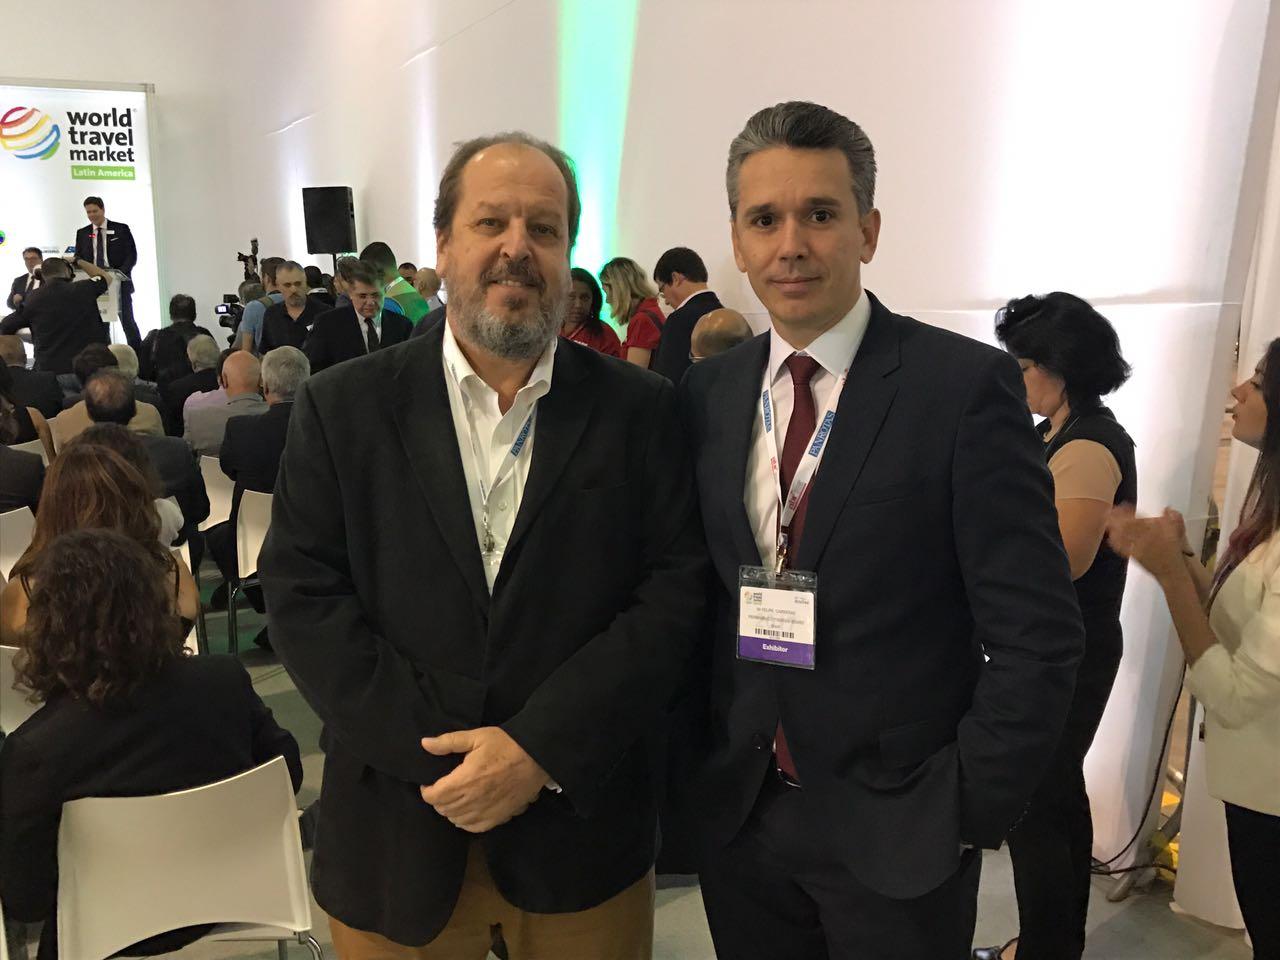 Eduardo Sanovicz, Associação Brasileira das Empresas Aéreas, e Felipe Carreras - Crédito: Seturel/Divulgação